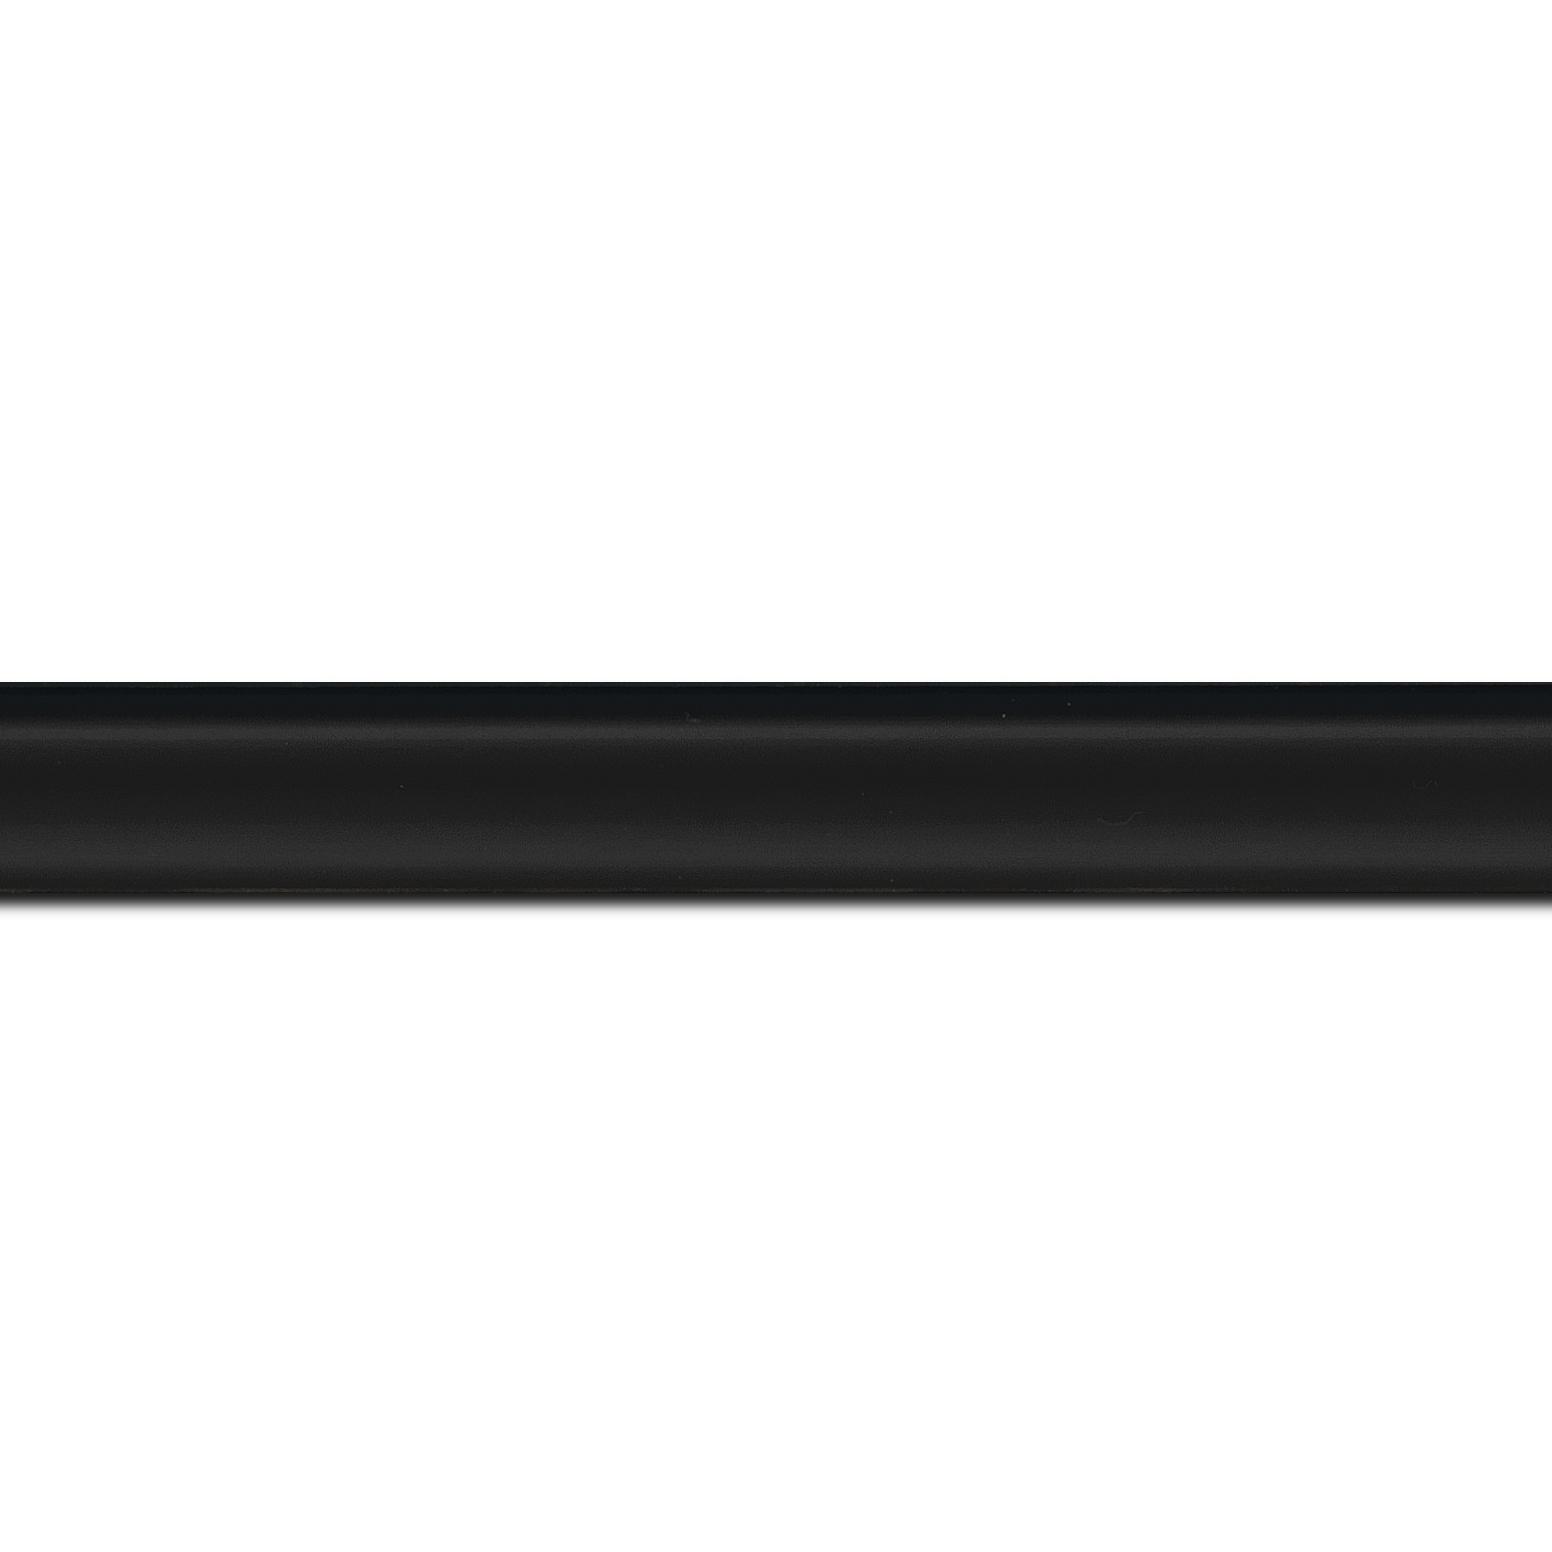 Pack par 12m, bois profil incurvé largeur 2.1cm couleur noir mat (longueur baguette pouvant varier entre 2.40m et 3m selon arrivage des bois)